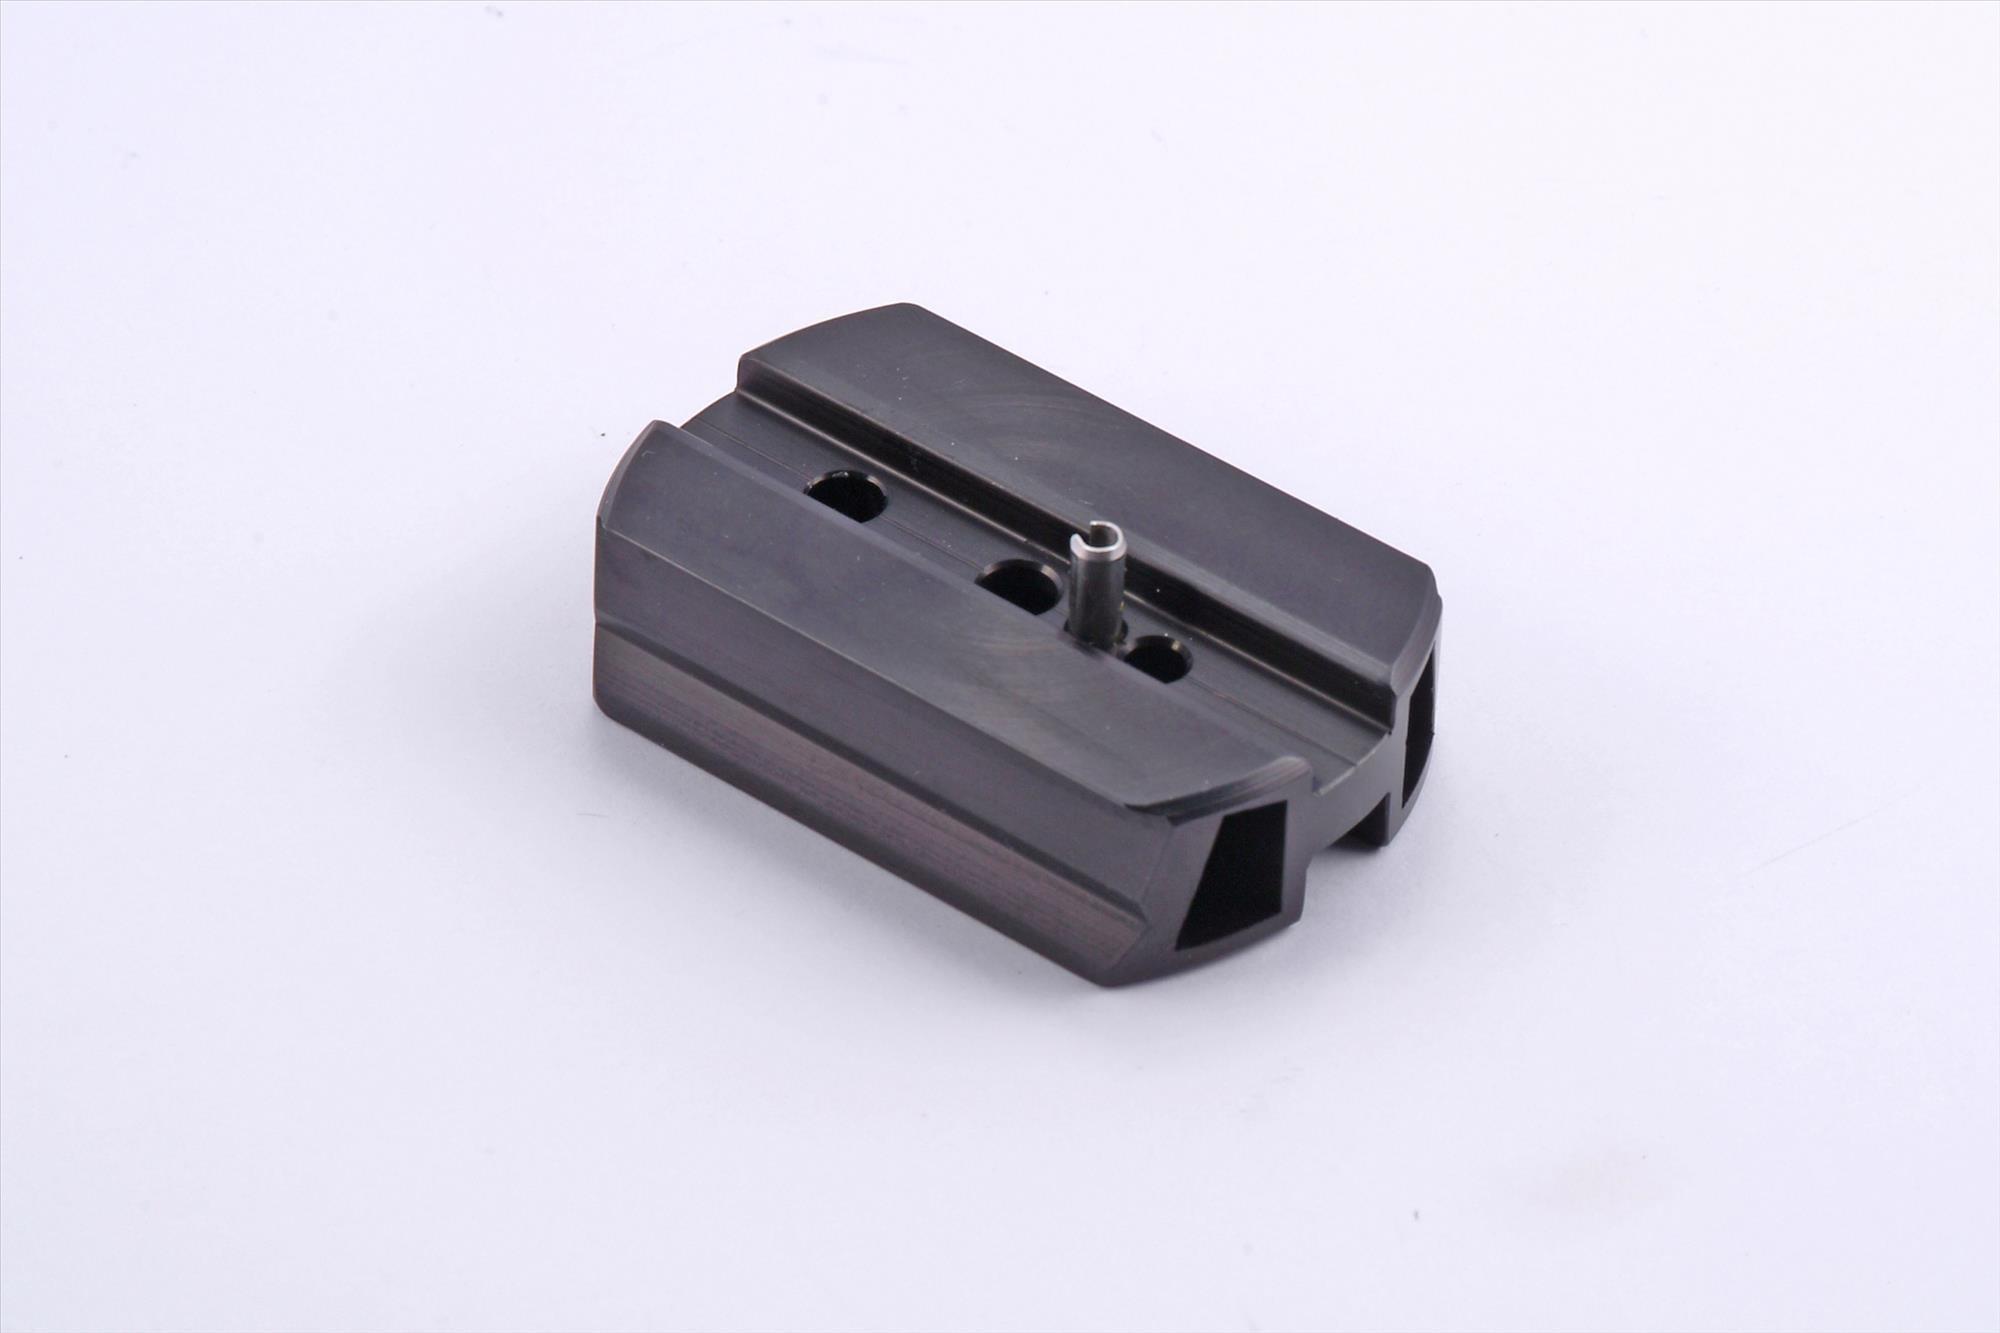 Schwalbenschwanz-Schiene, 70mm für Zeiss-Diascope / Leica-Spektive